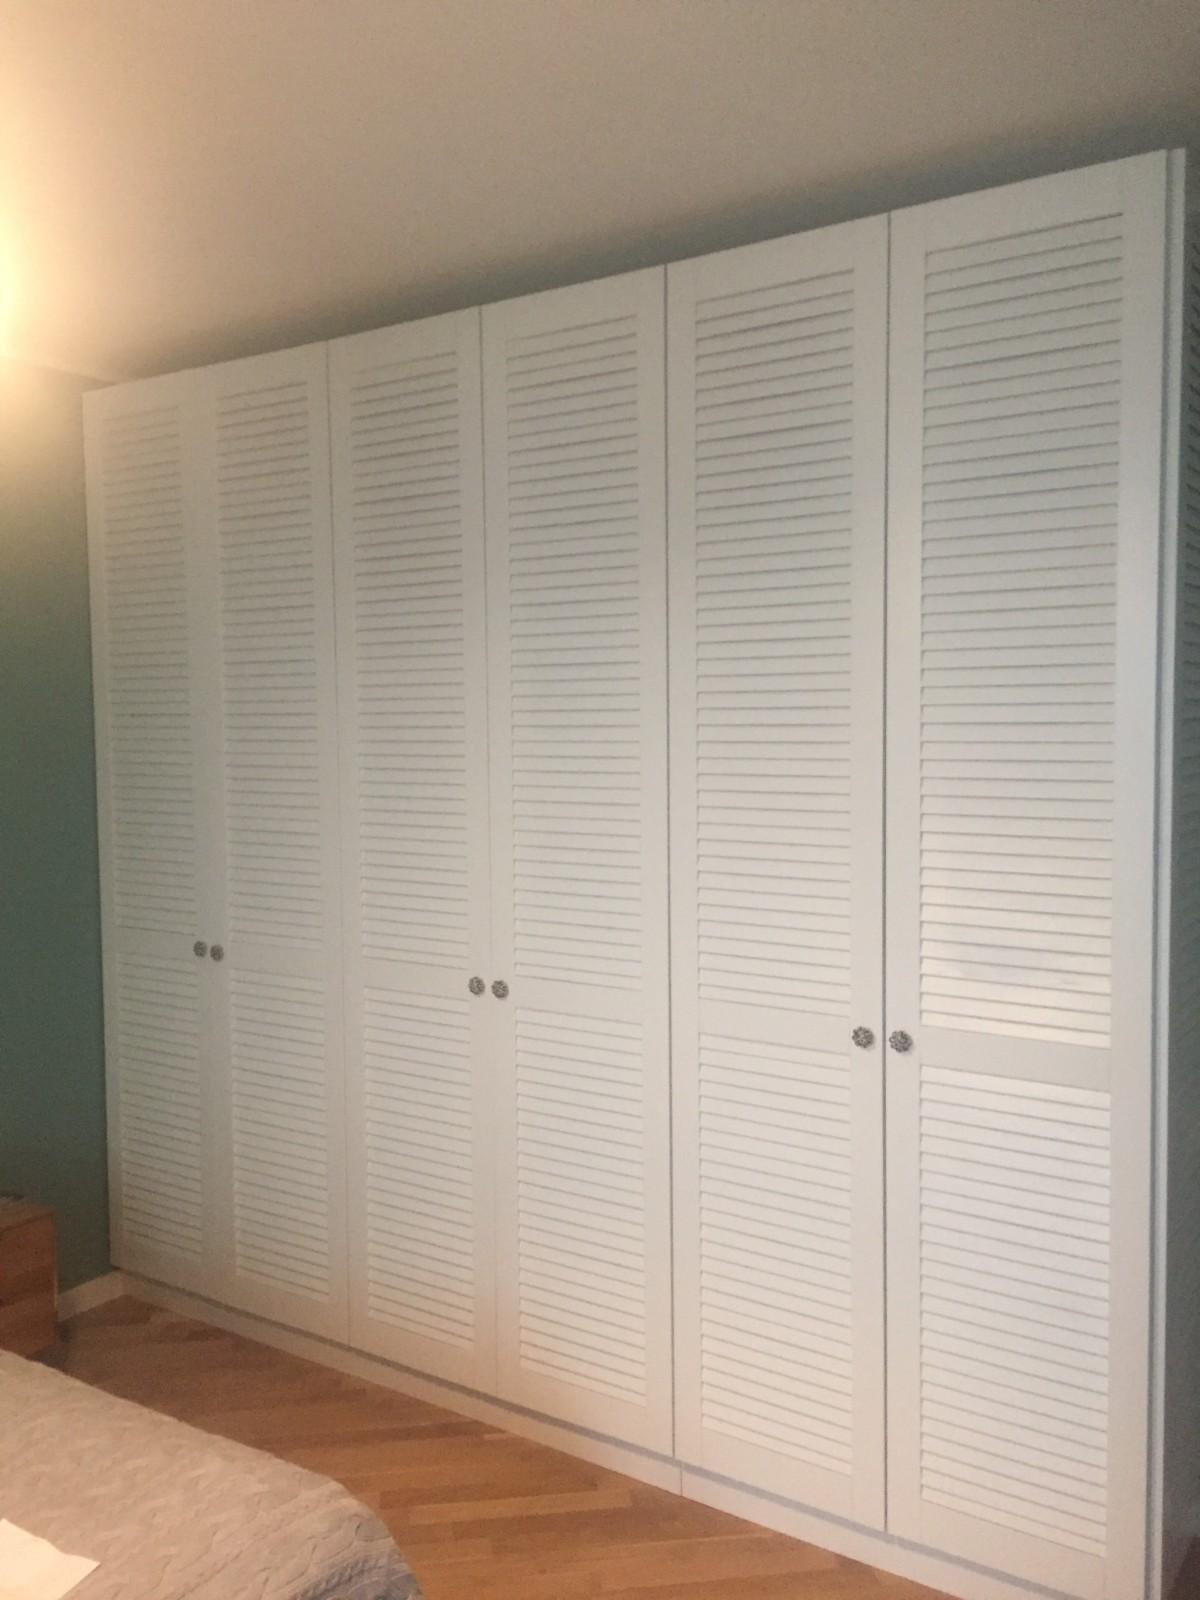 Реализован проект по замене фасадов шкафа на жалюзийные